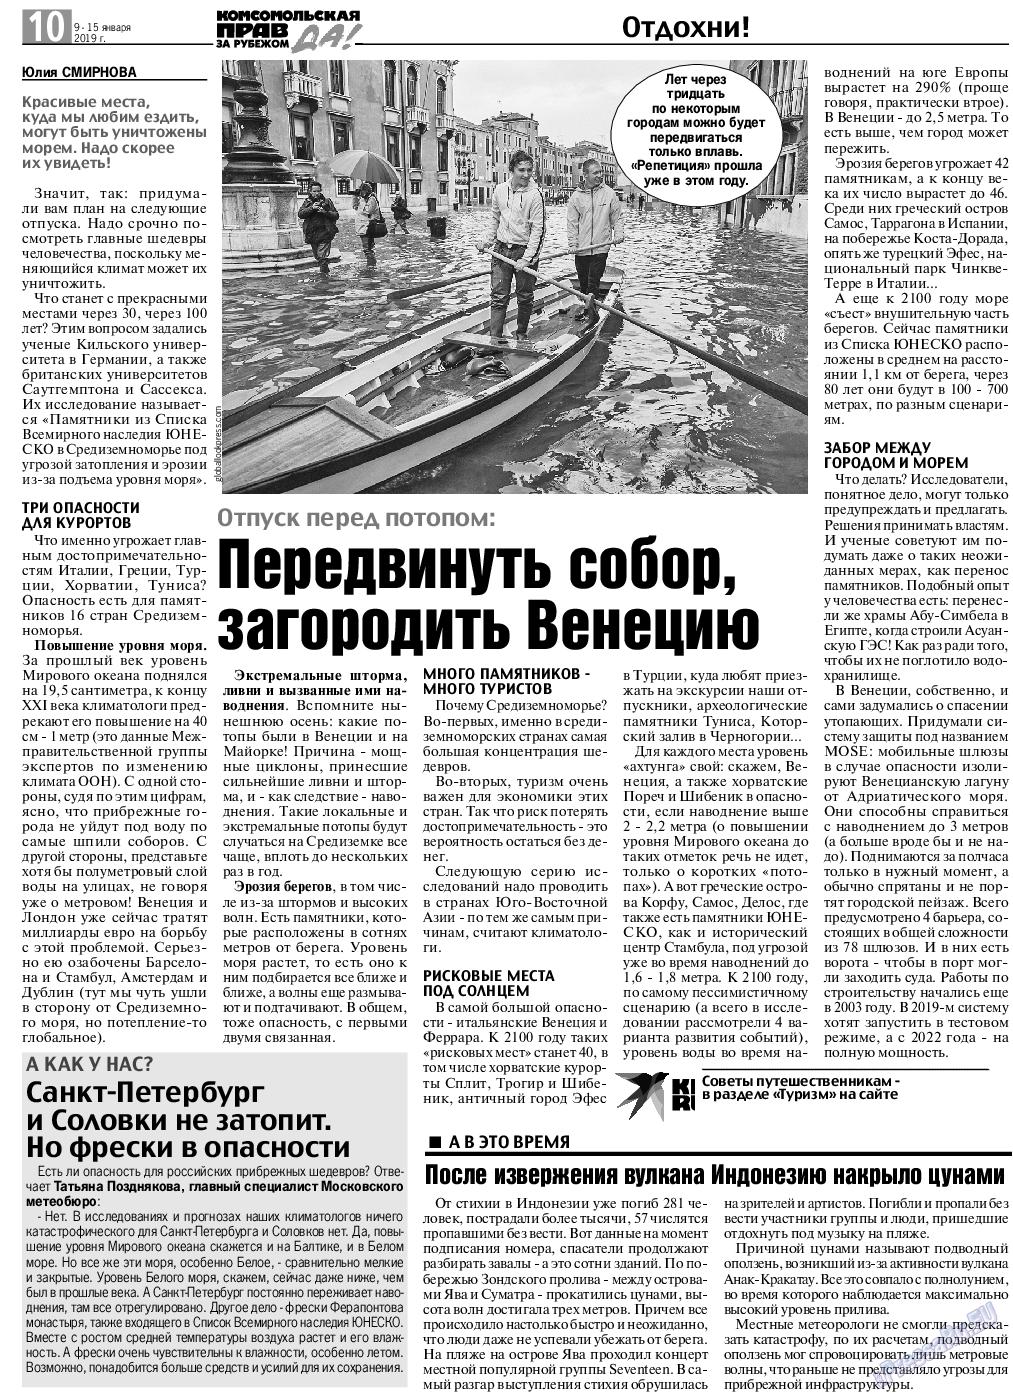 КП в Европе (газета). 2019 год, номер 2, стр. 10